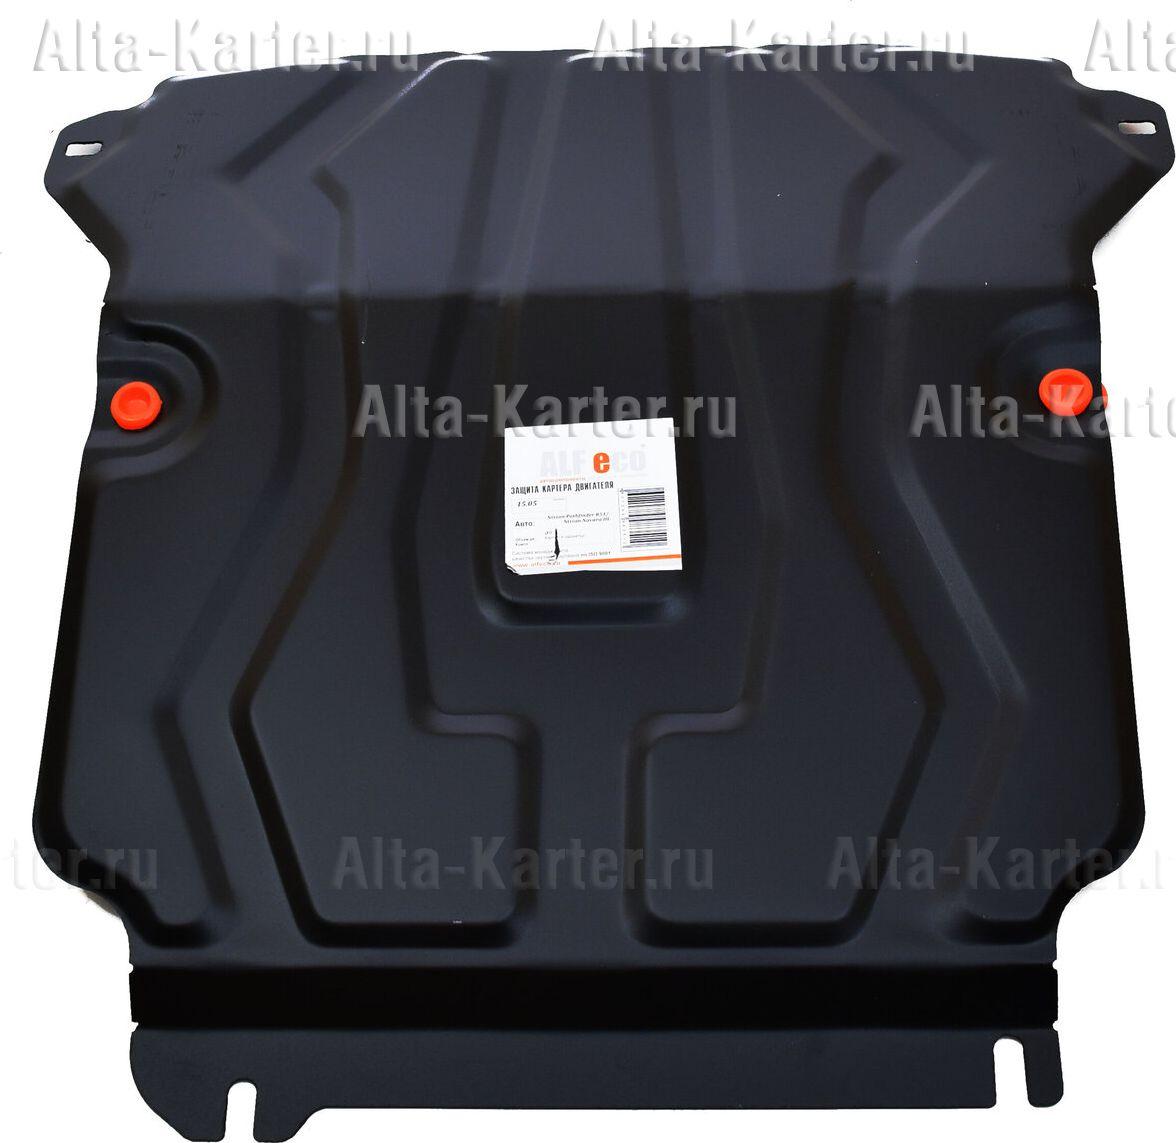 Защита Alfeco для картера и радиатора Nissan Pathfinder R51 2004-2014. Артикул ALF.15.05 st